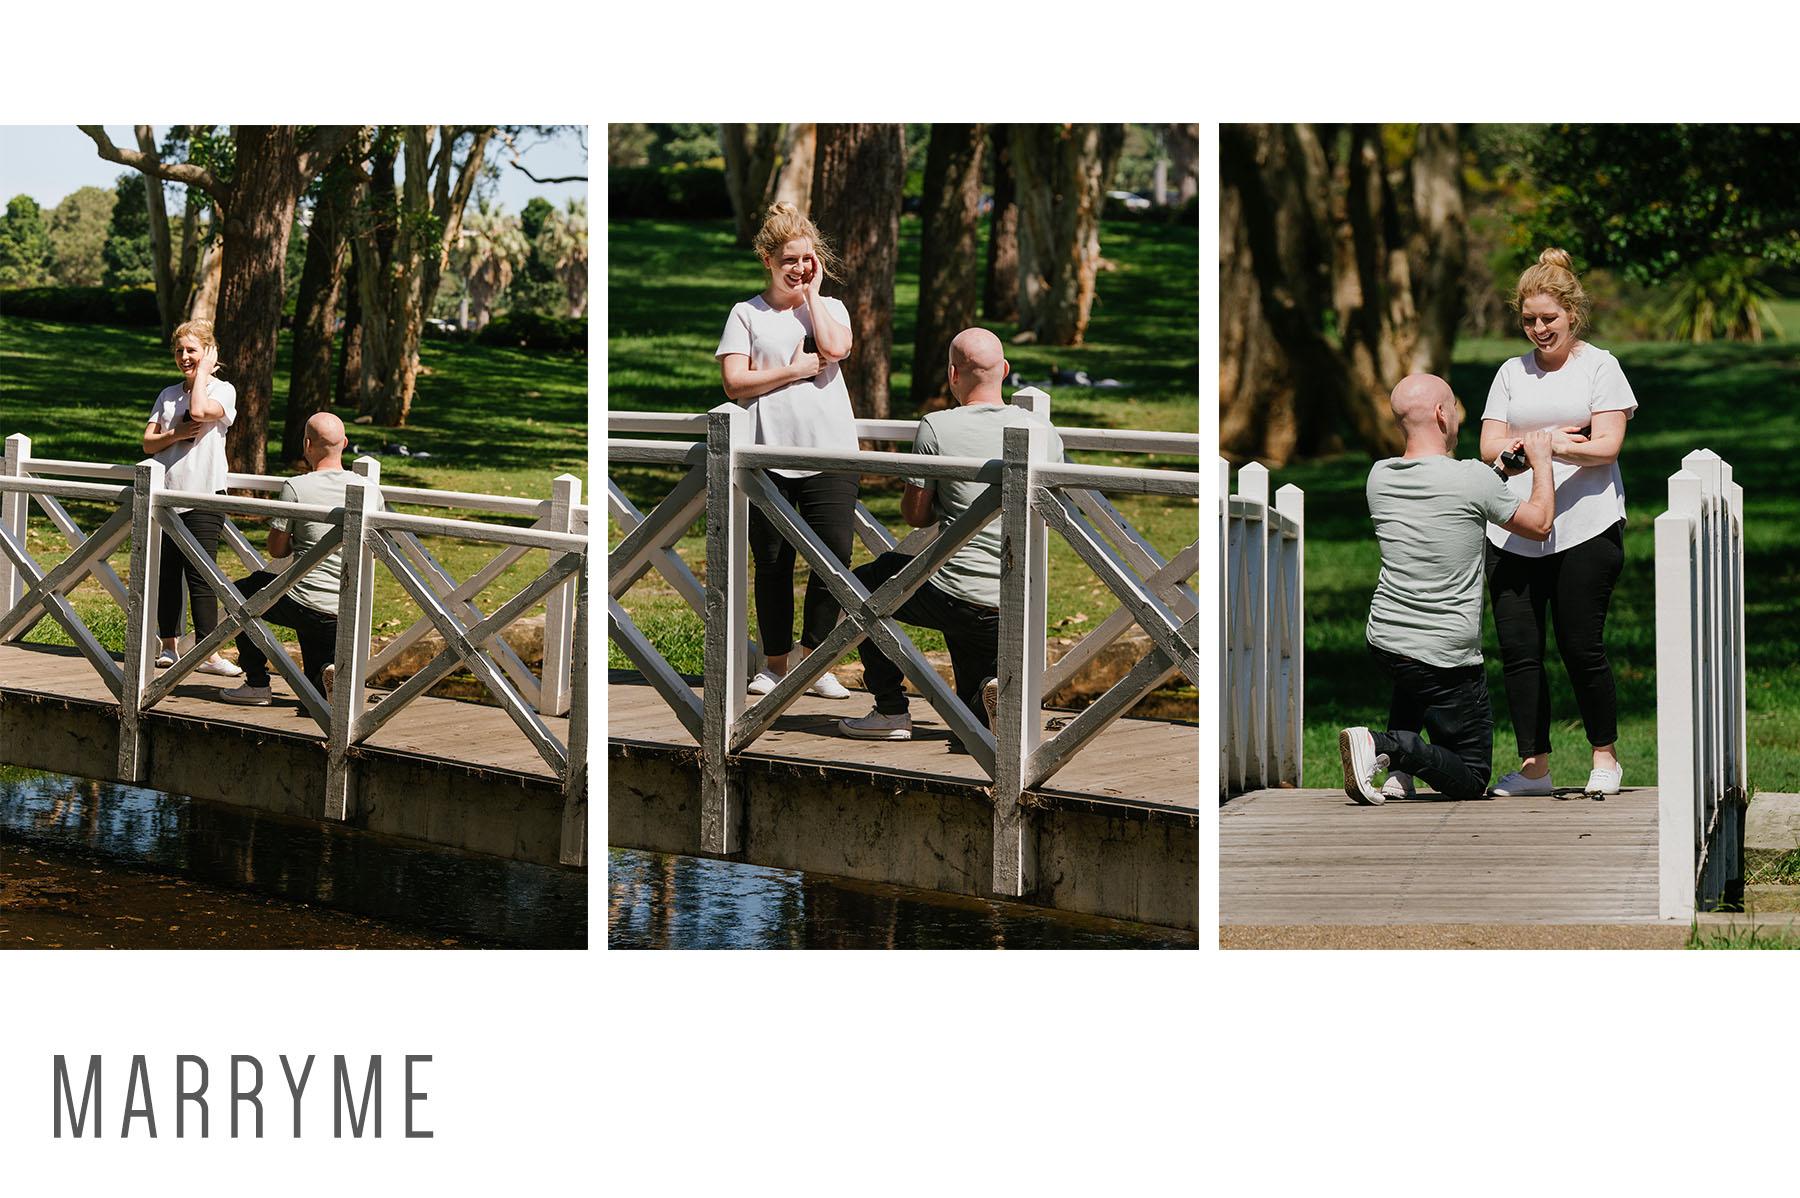 3_Centennial_Park_Parklands_marriage_proposal_sydney_marryme